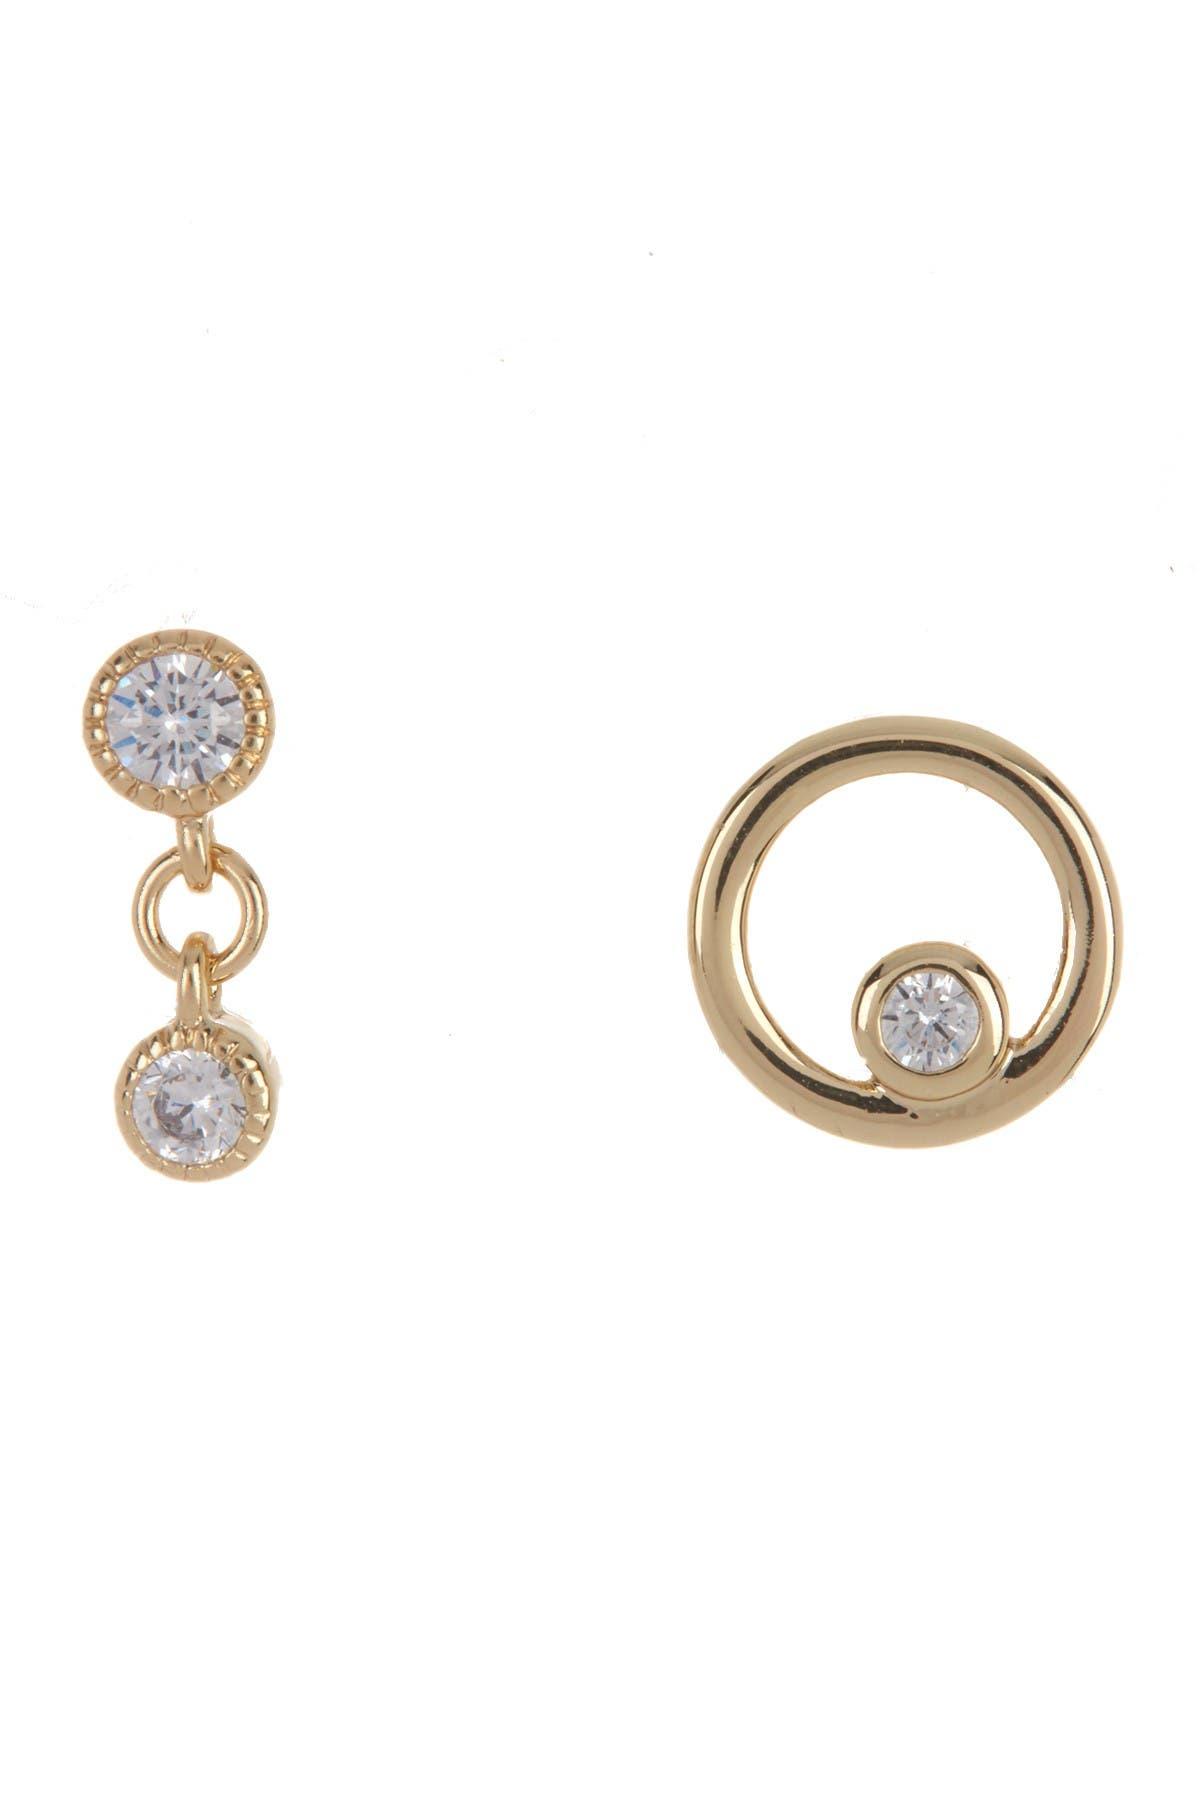 Image of Nordstrom Rack Drop & Circle Stud Earrings - Set of 2